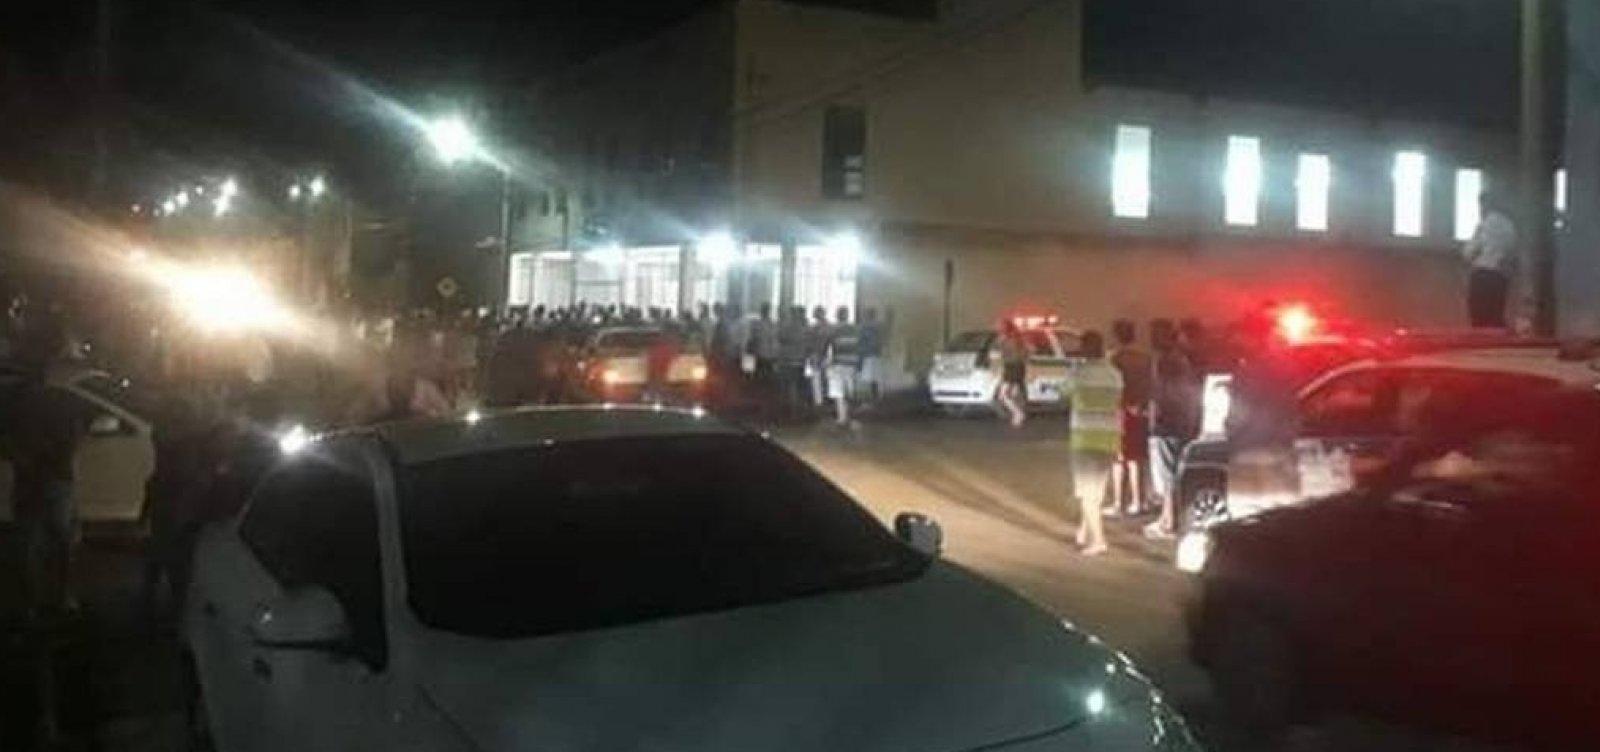 [Após matar ex-namorada, homem mata mais três em igreja ]